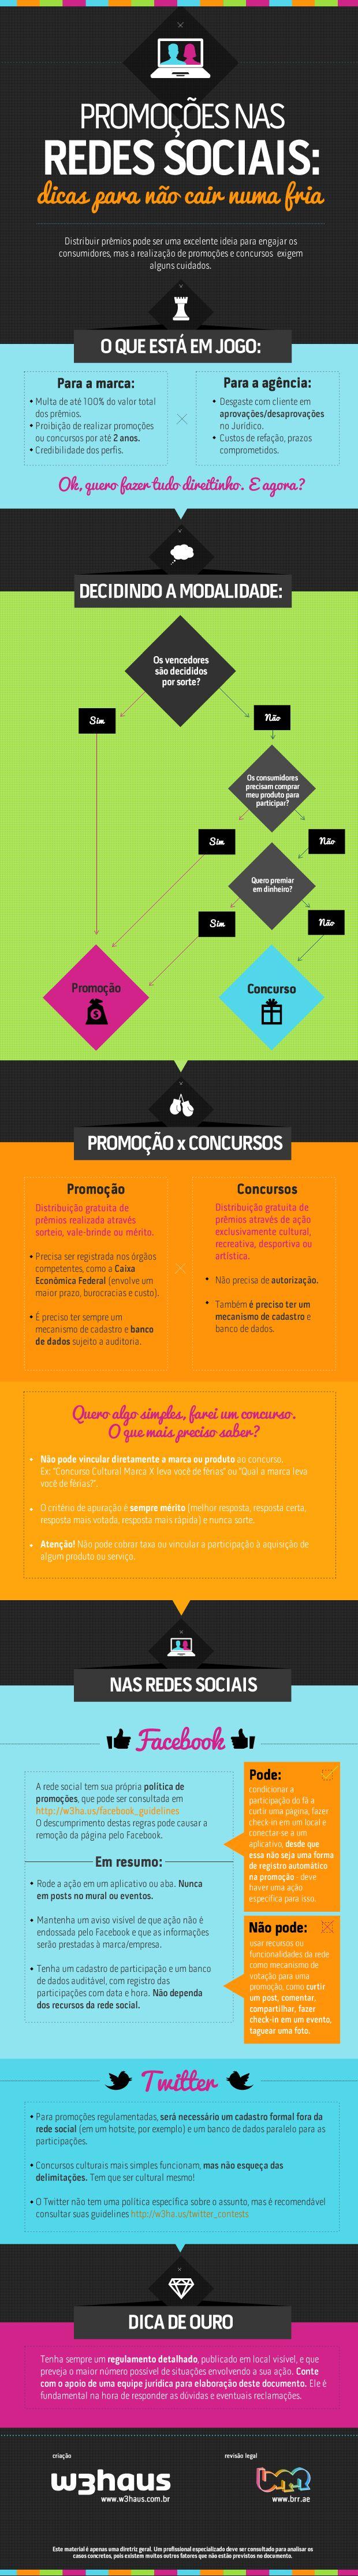 infográfico redes sociais concurso cultural promoção